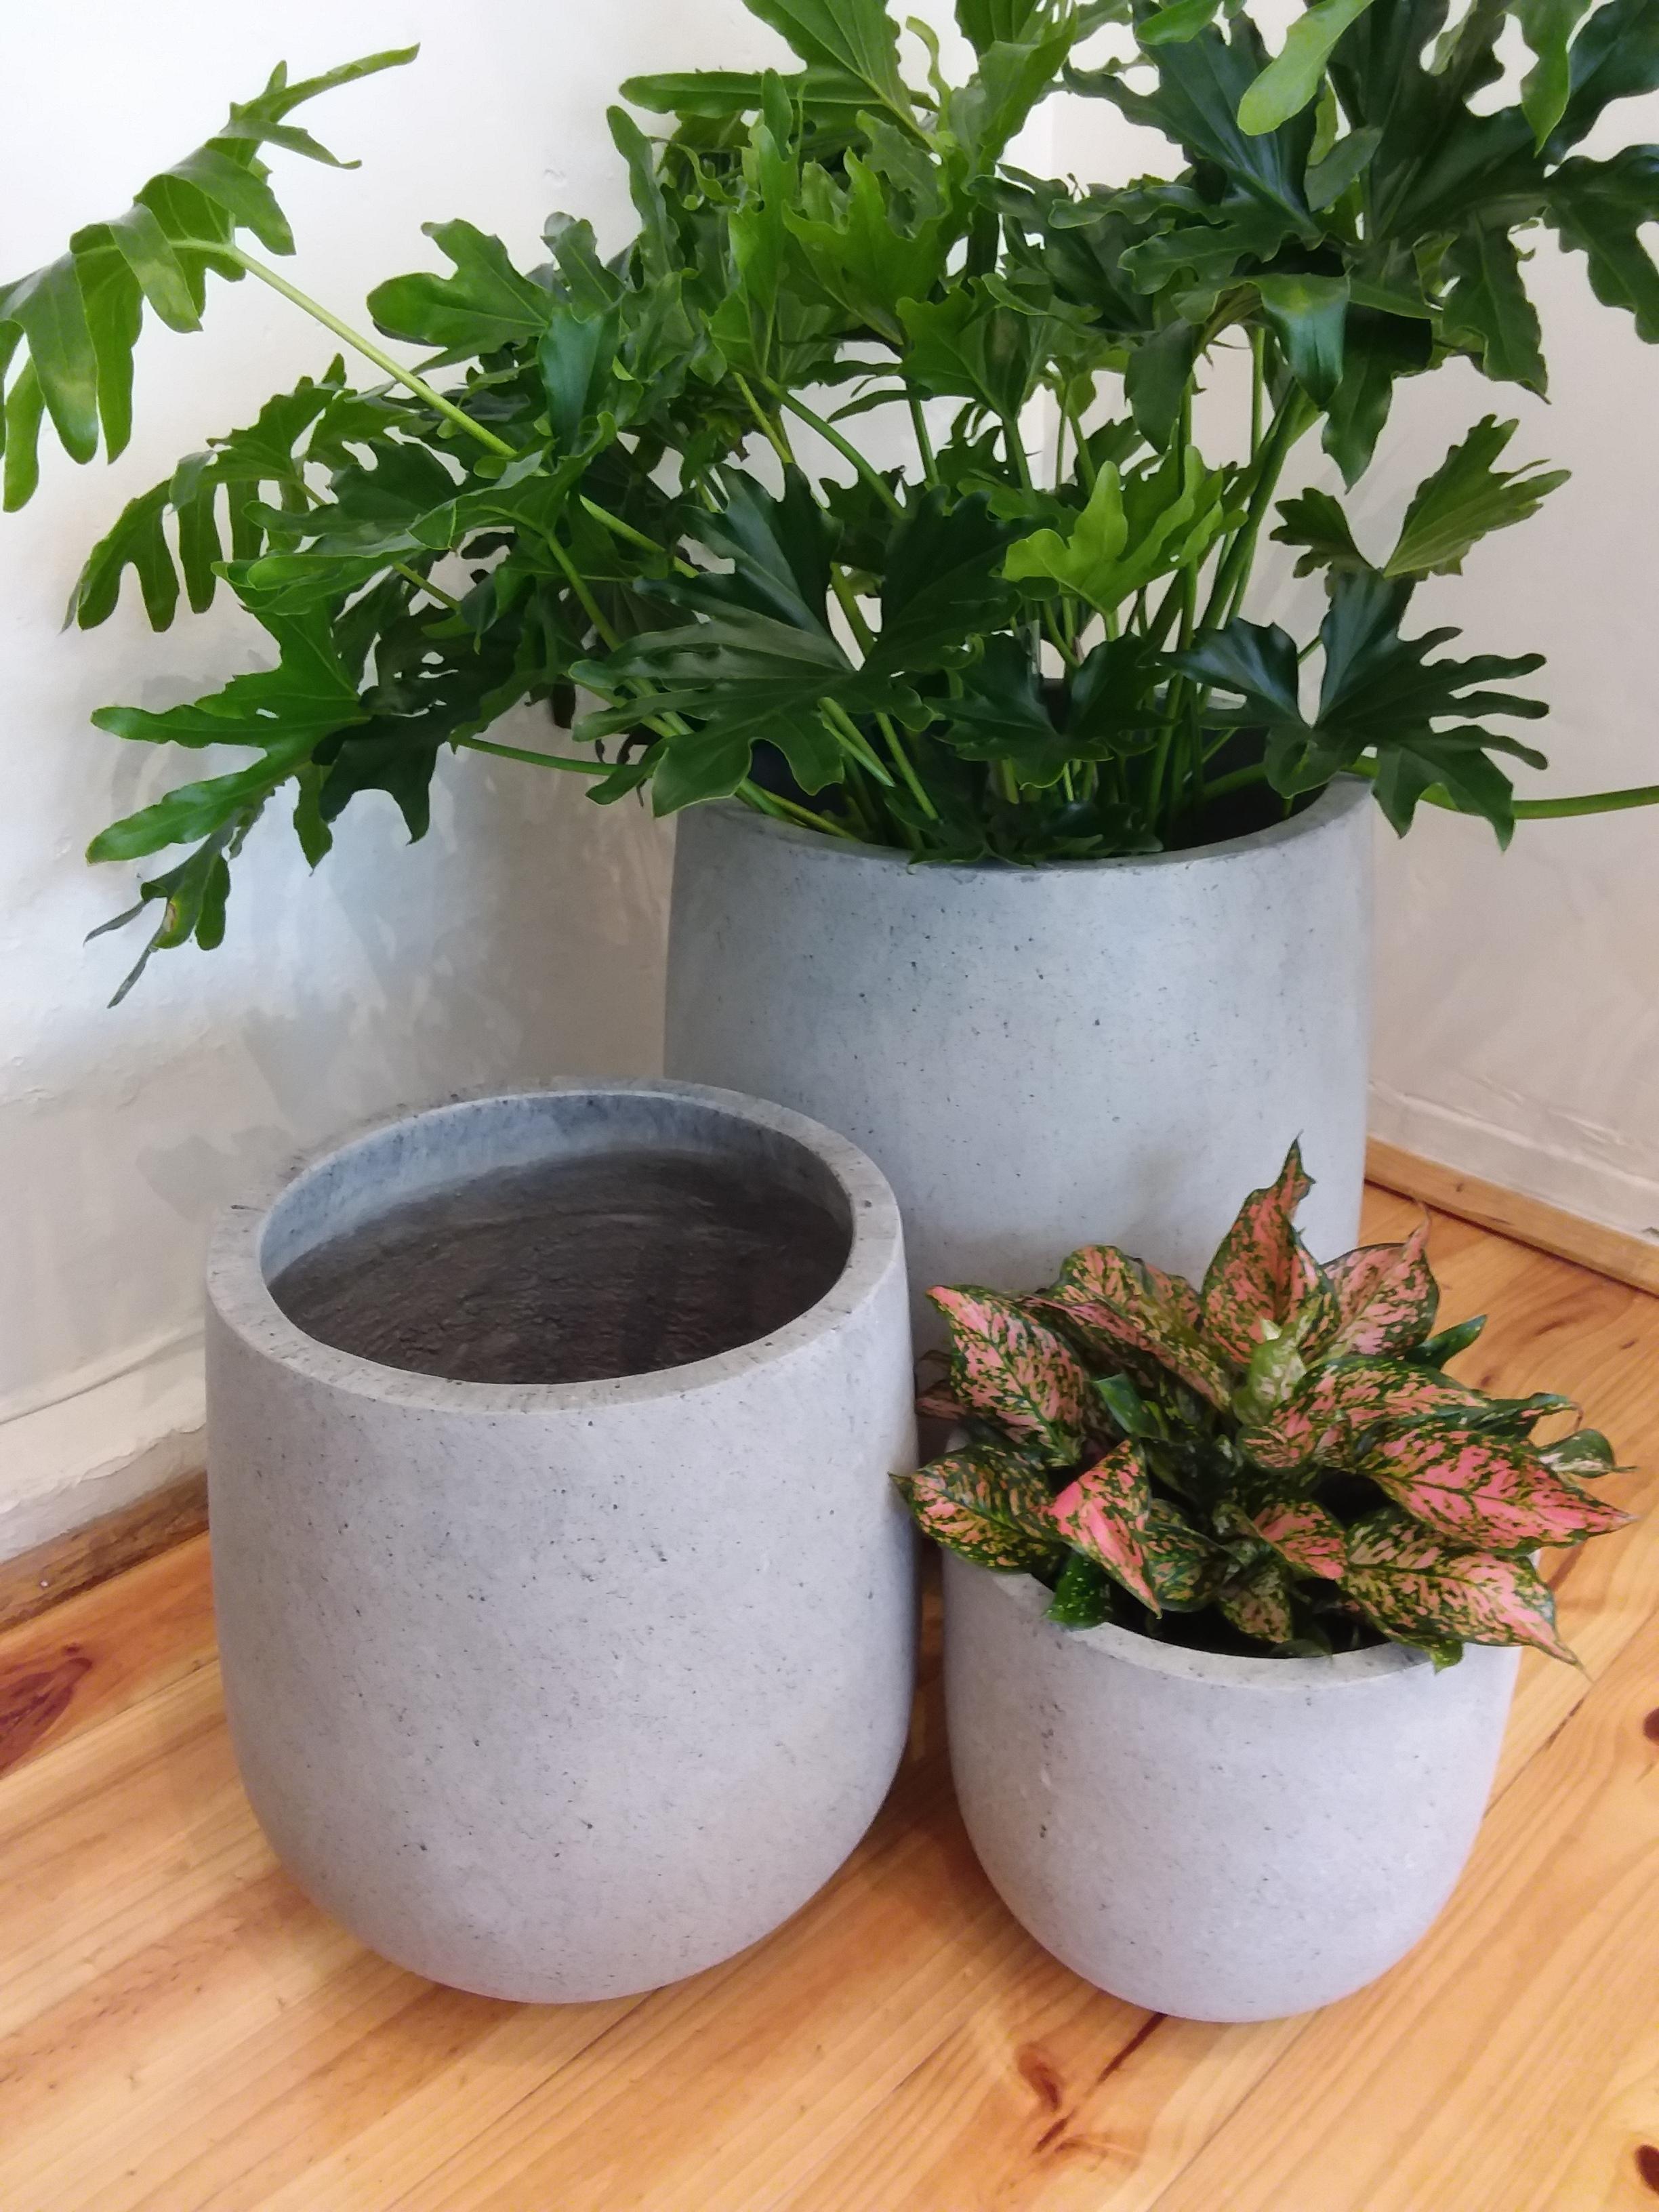 Concrete Tulip Pots  Colour Choices: Concrete or White  Medium (280mm W x 300mm H) $110.00  Large (380mm W x 425mm H) $145.00  E Large (500mm W x 550mm H) $220.00